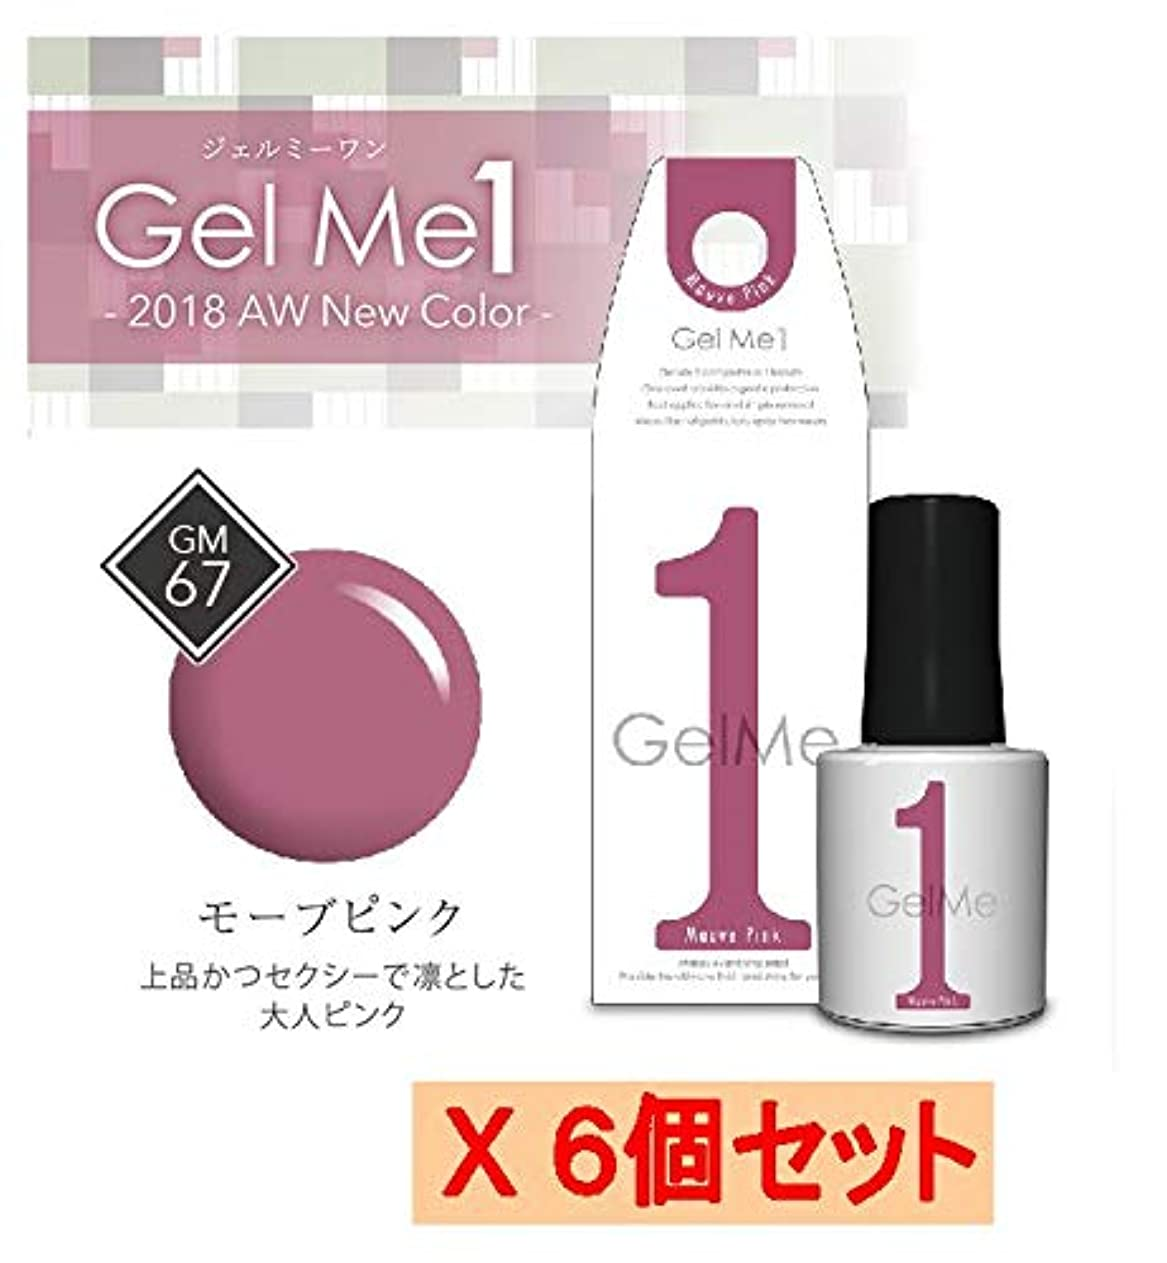 角度浸す激しいジェルミーワン[GelMe1] GM-67 モーヴピンク 【セルフ ジェルネイル ジェル】 X6個セット